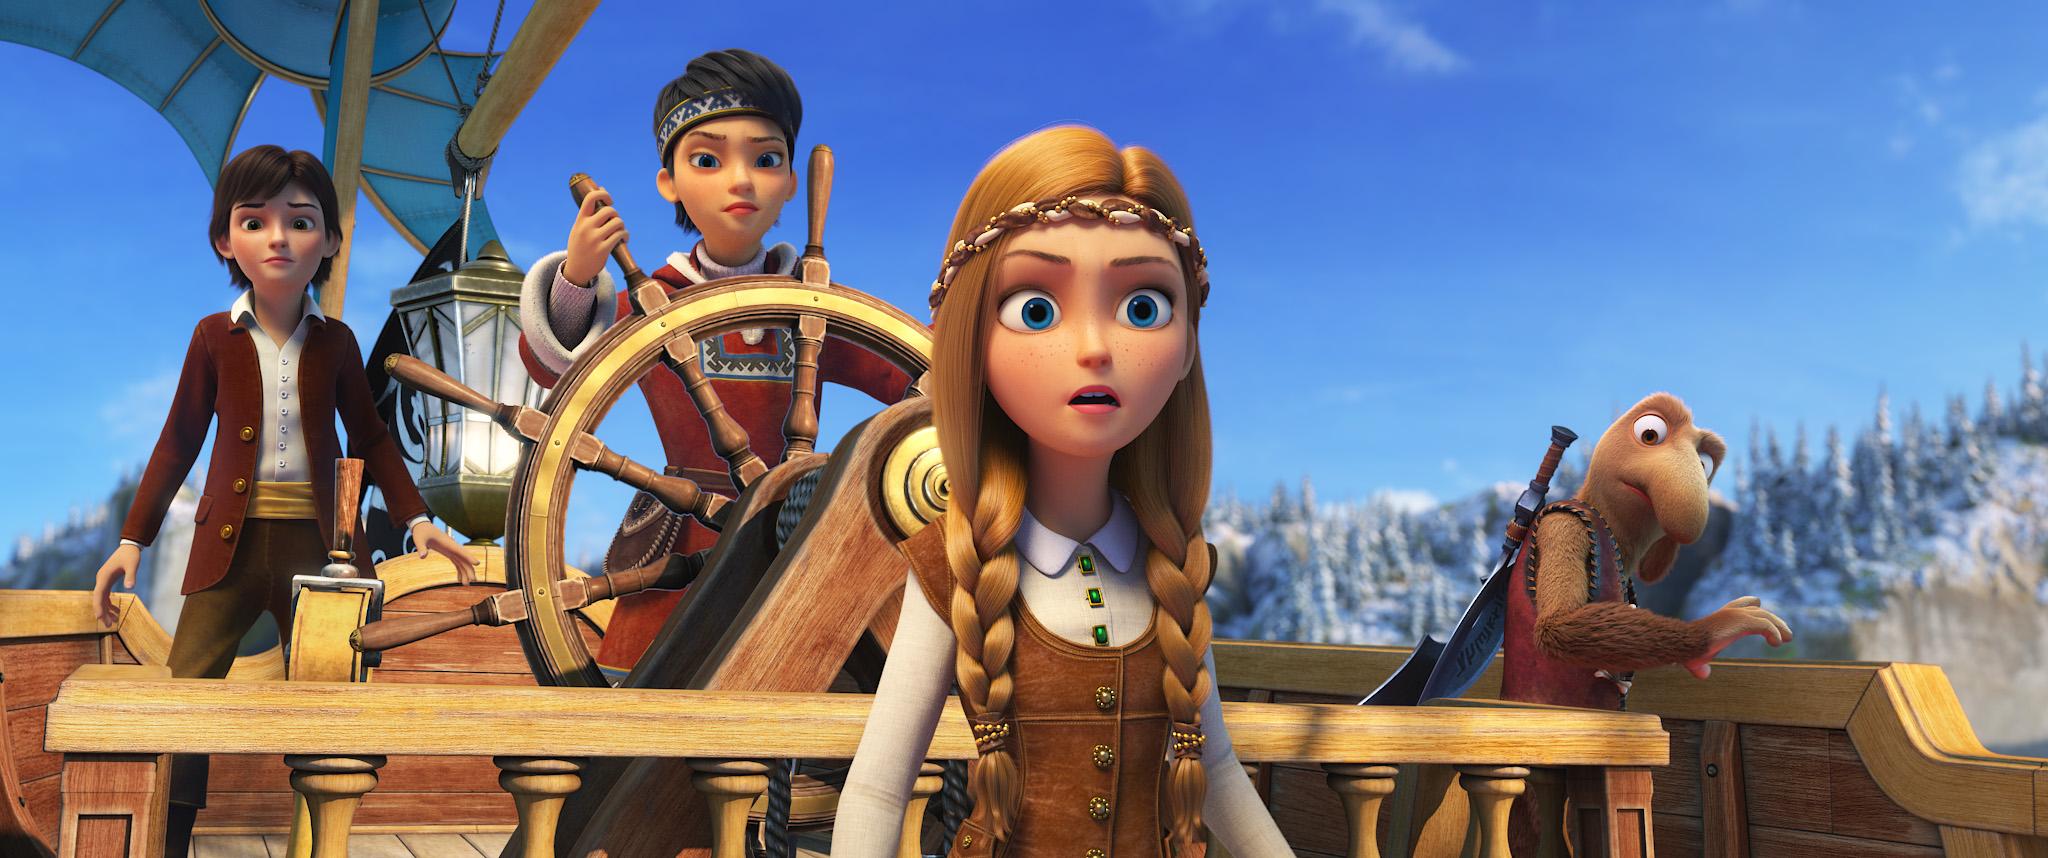 לשבור את הקסם: מלכת השלג